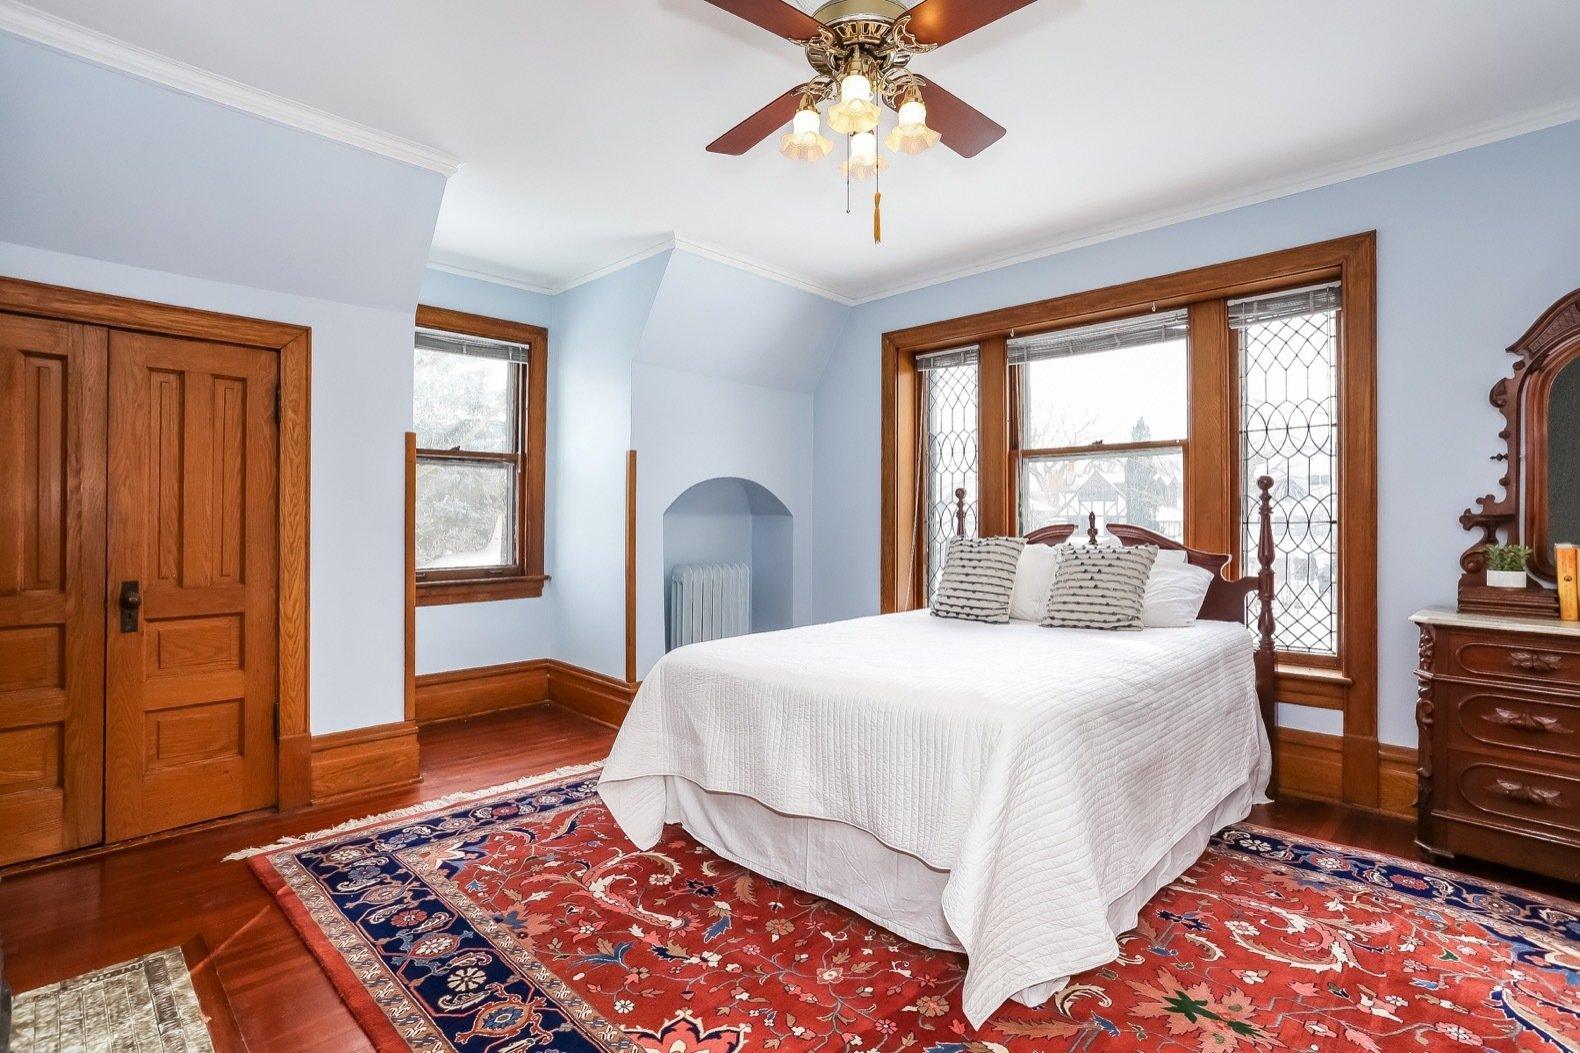 W. Irving Clark House bedroom